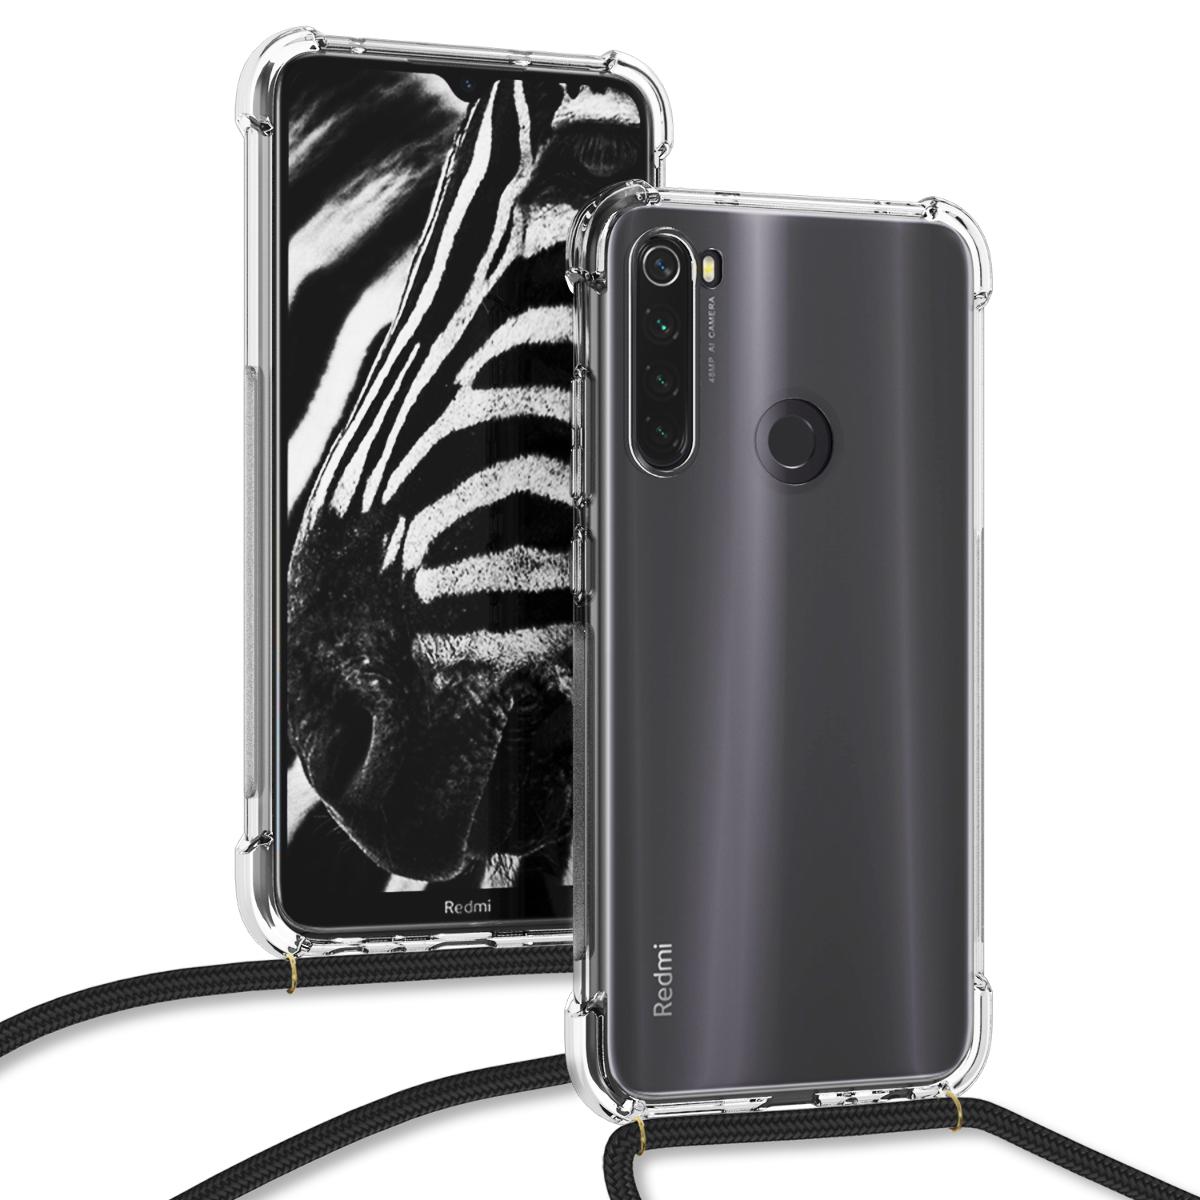 KW Θήκη Σιλικόνης με Λουράκι Λαιμού Xiaomi Redmi Note 8T - Transparent / Black (50958.01)